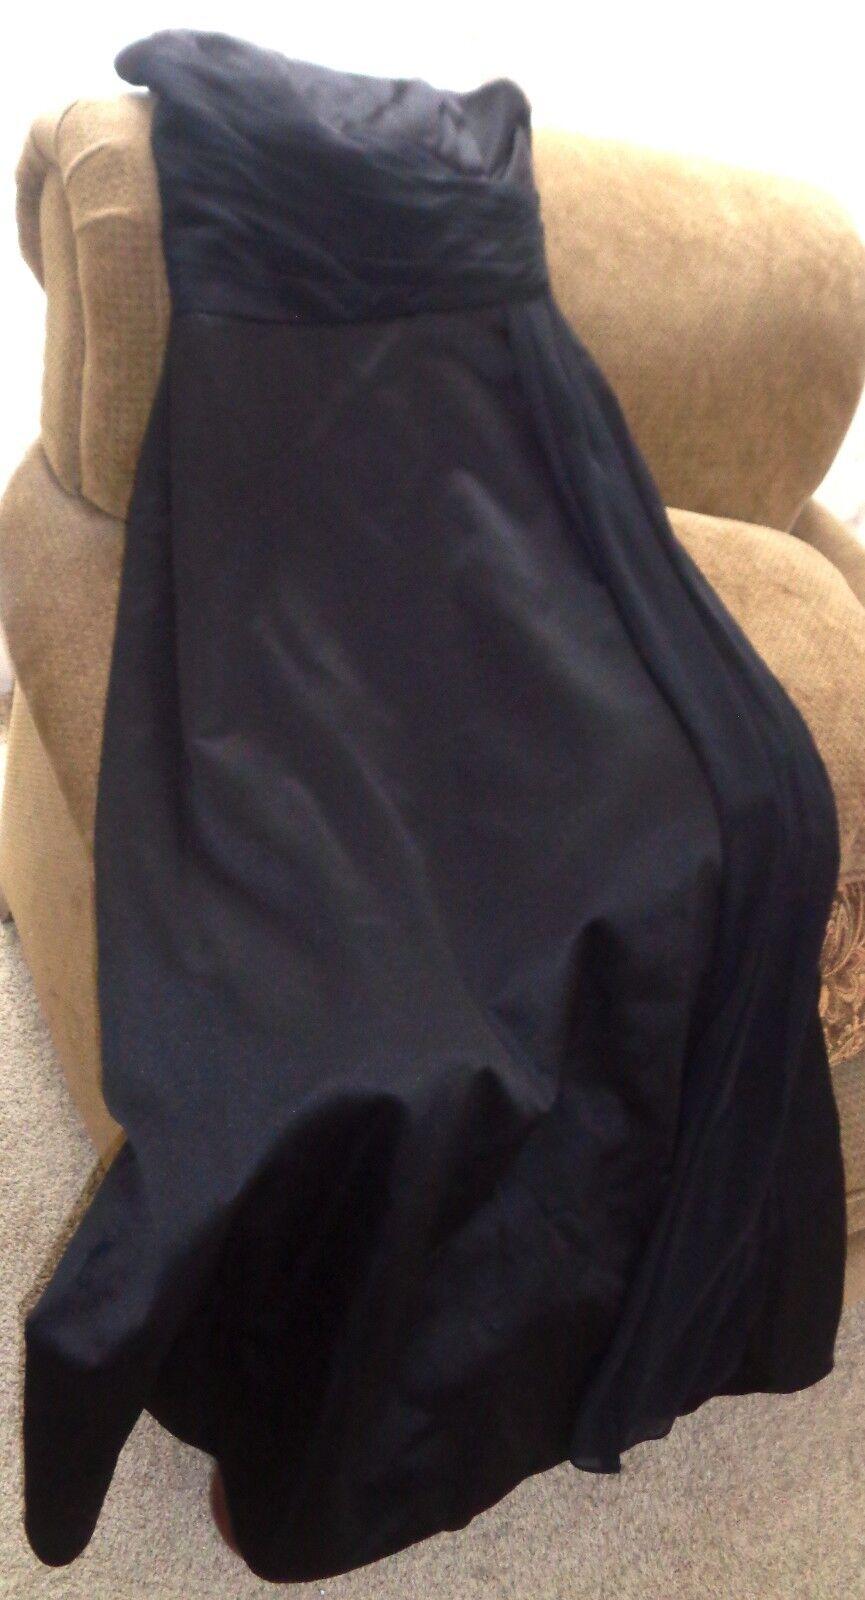 schwarz Satin Strapless Floor-Length Bridesmaid's Dress, US Größe 8